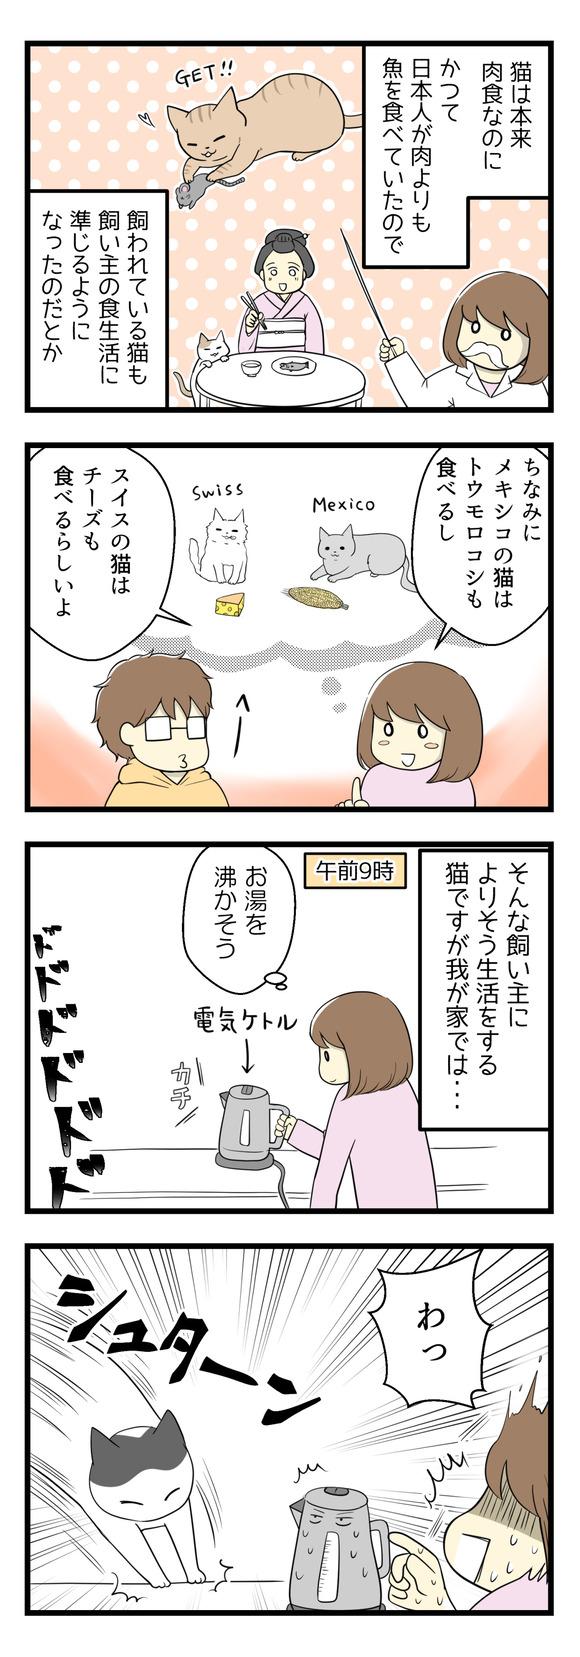 猫の順応性に驚く話-1-